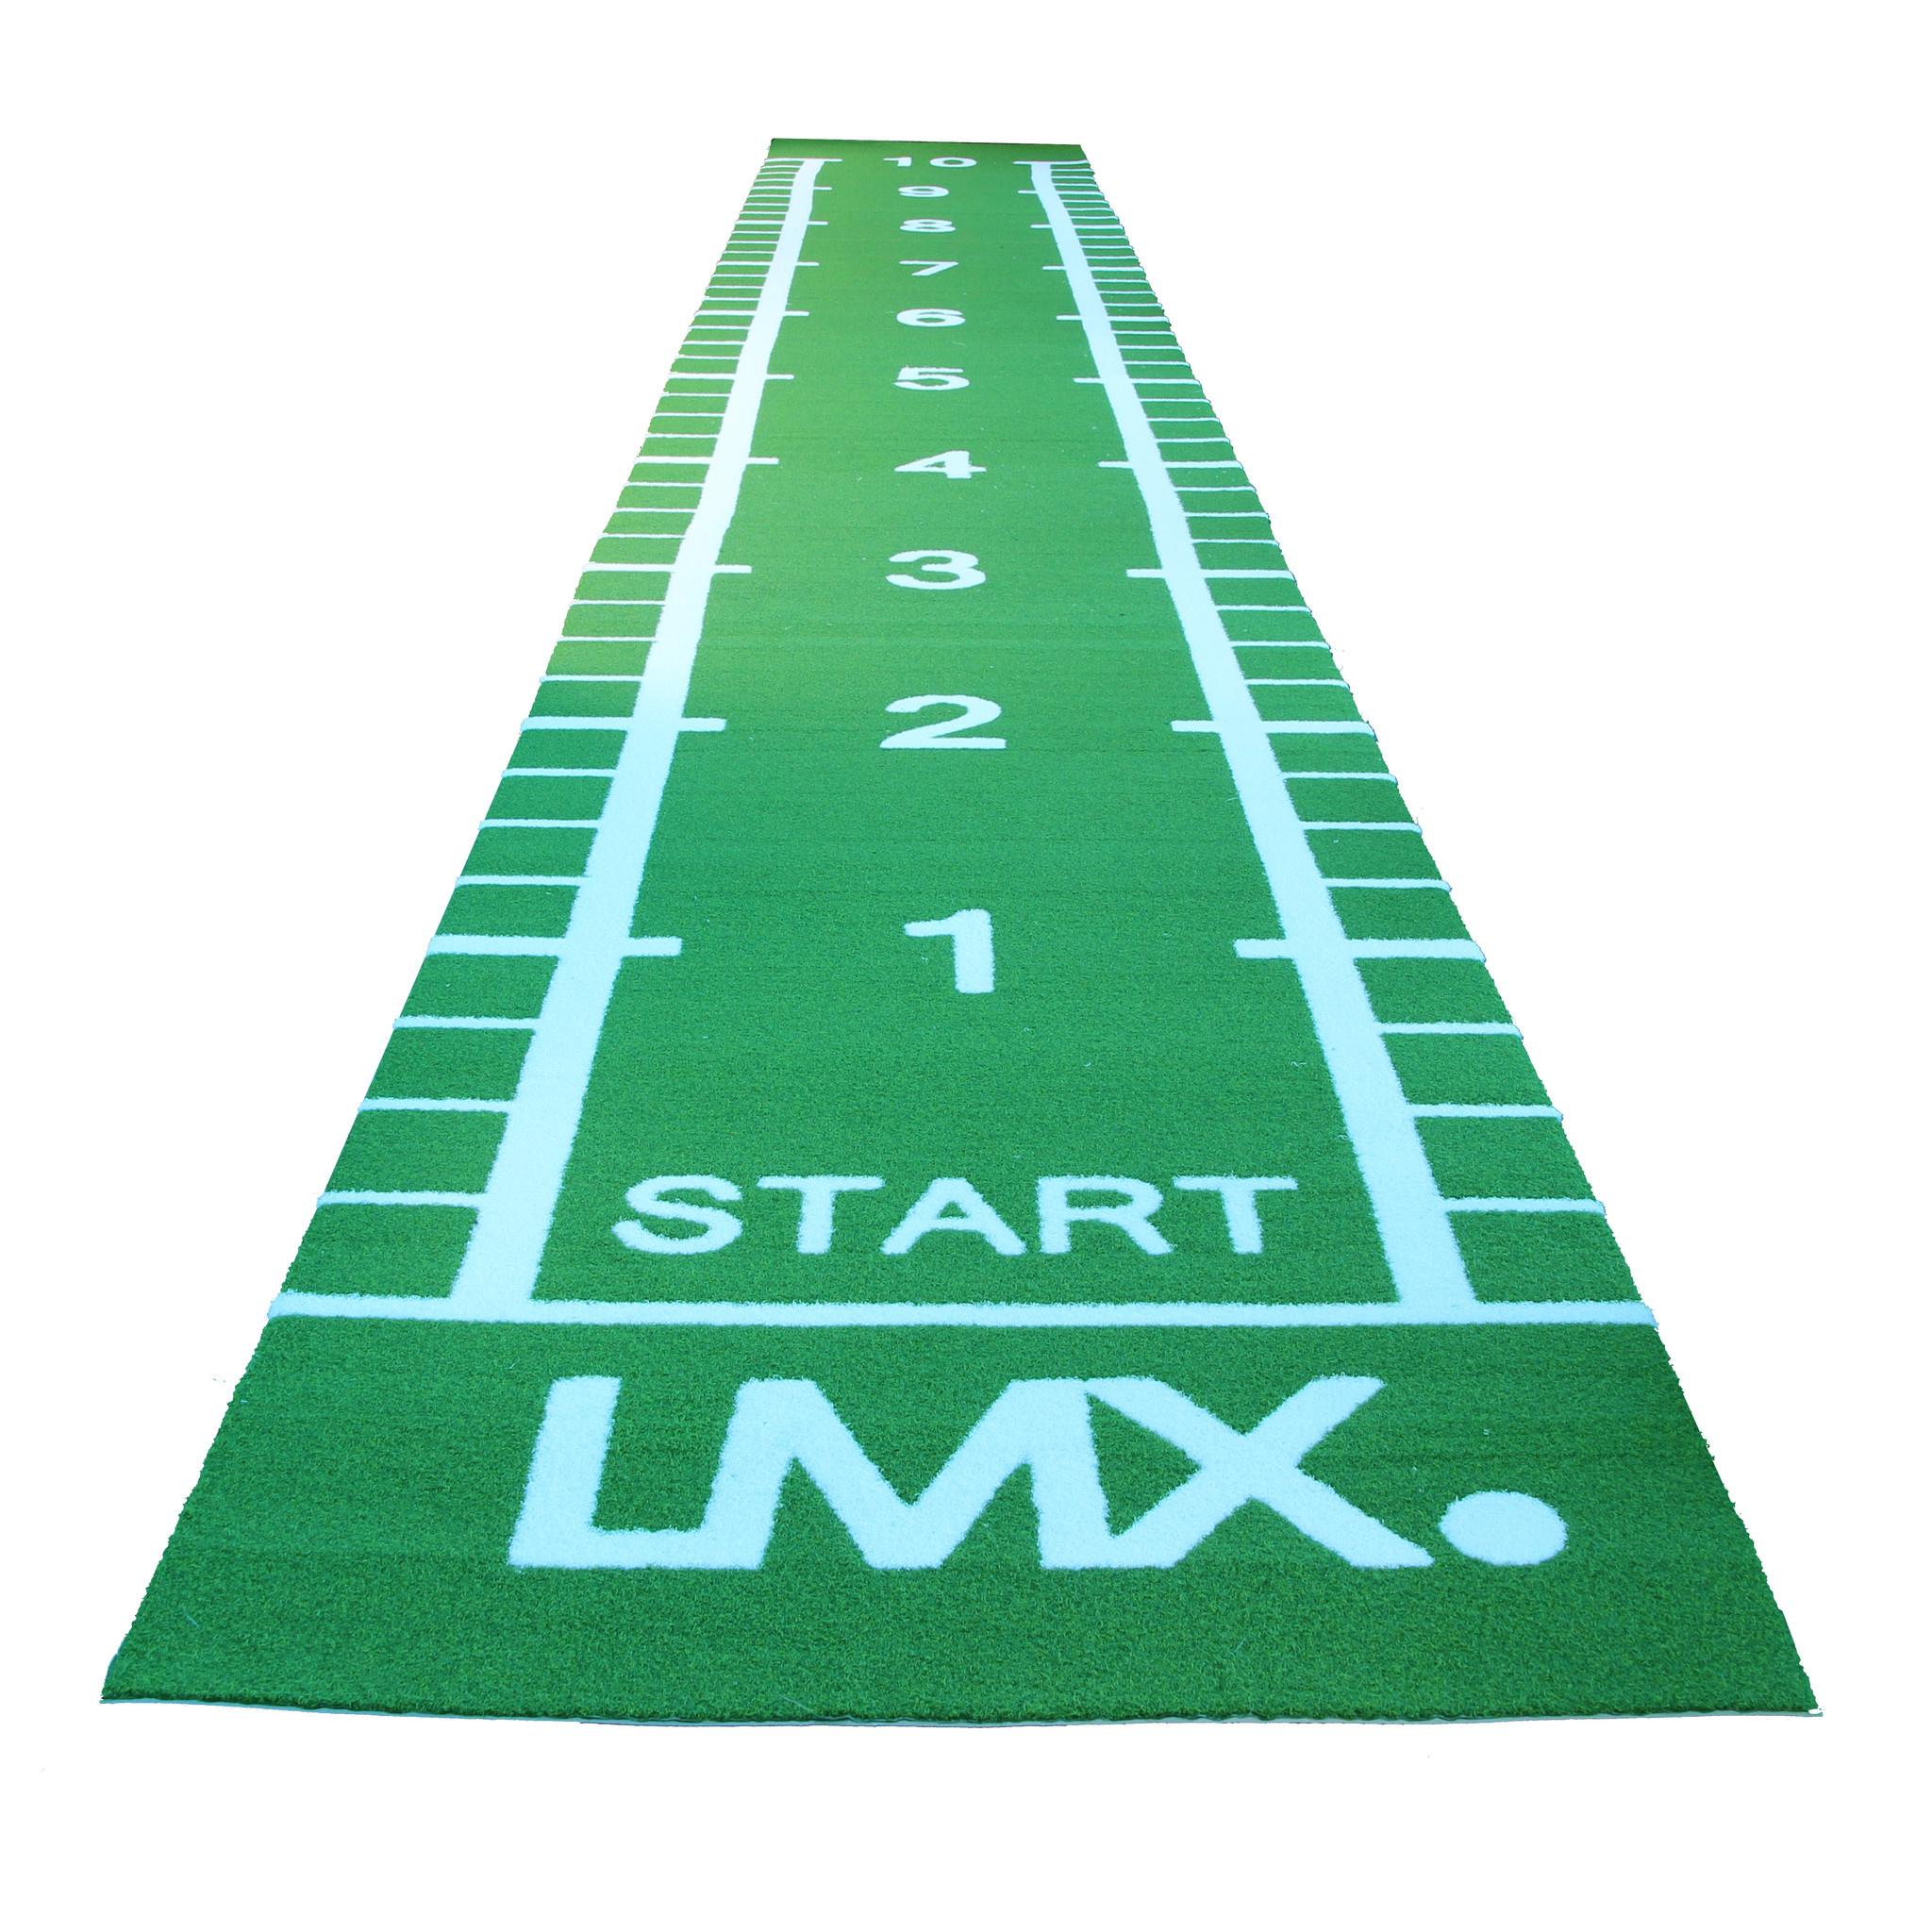 Lifemaxx Sprinttrack Groen met belijning diverse afmetingen